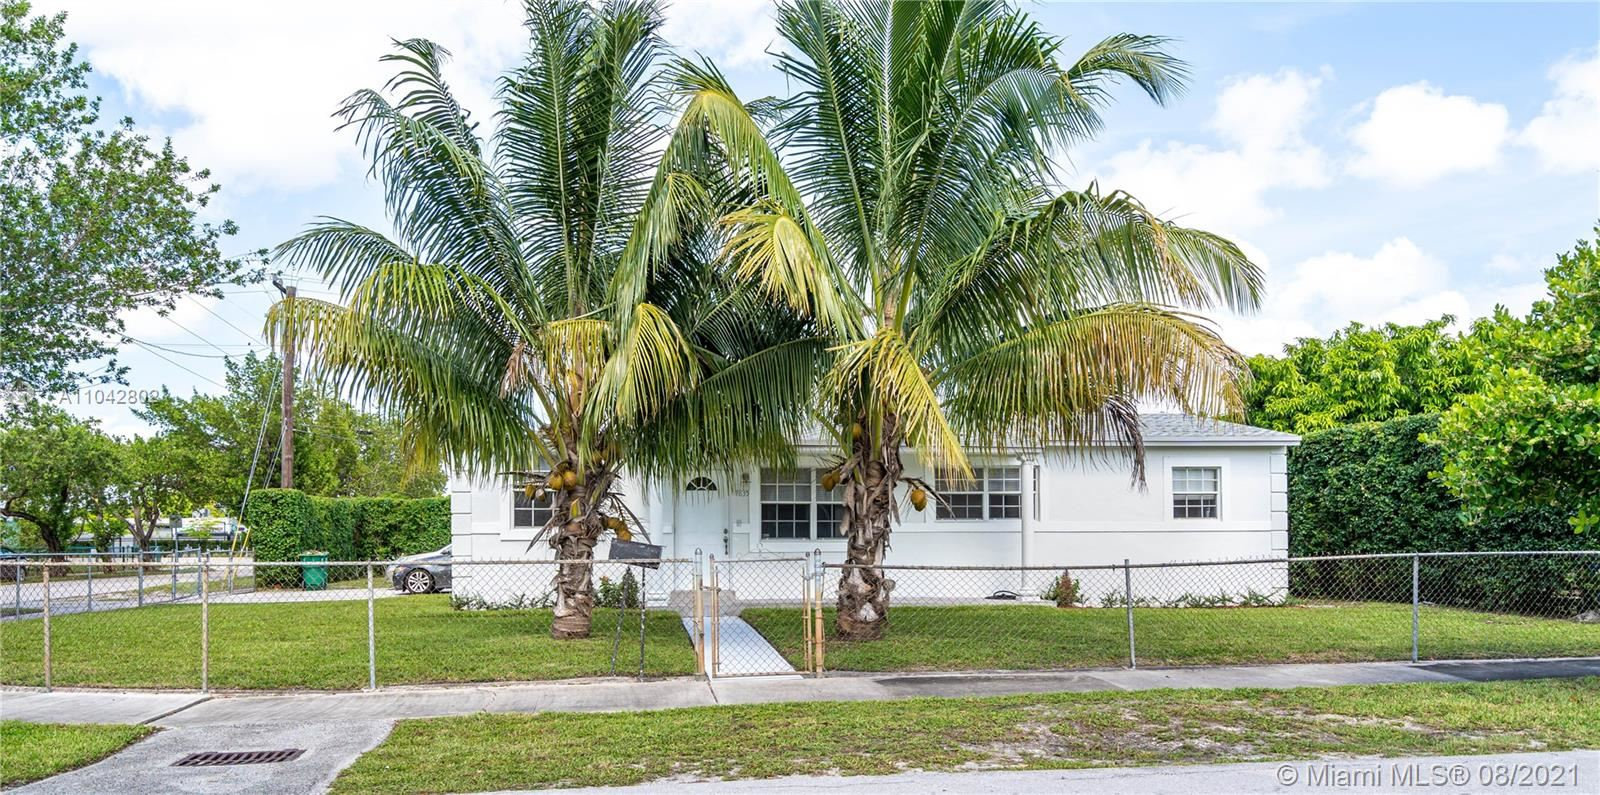 17835 NW 27th Ct, Miami Gardens, FL 33056 - #: A11042802